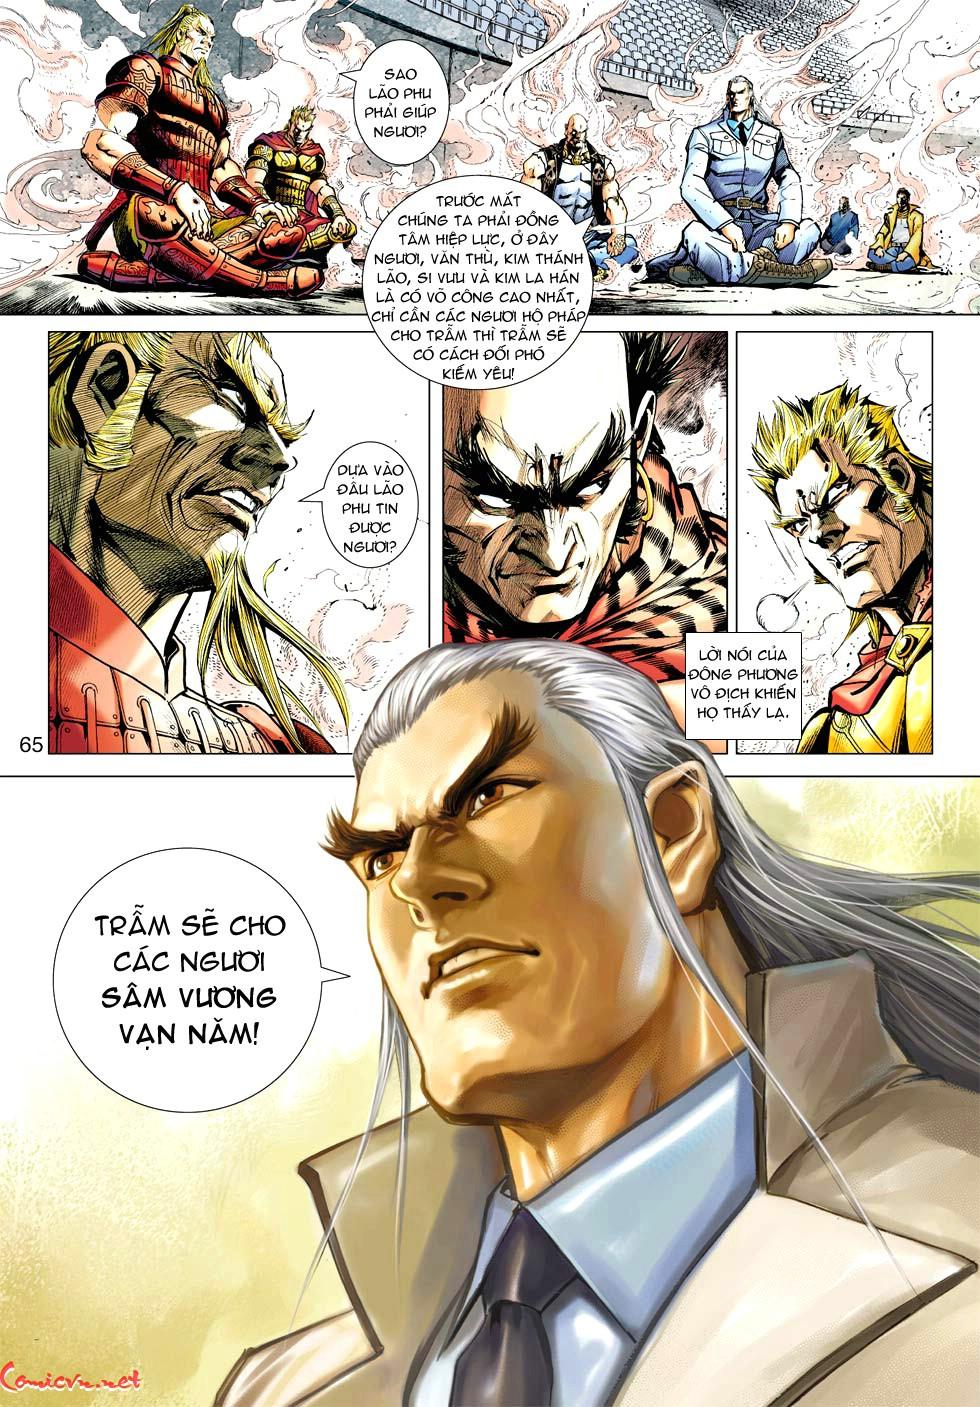 Vương Phong Lôi 1 chap 35 - Trang 22